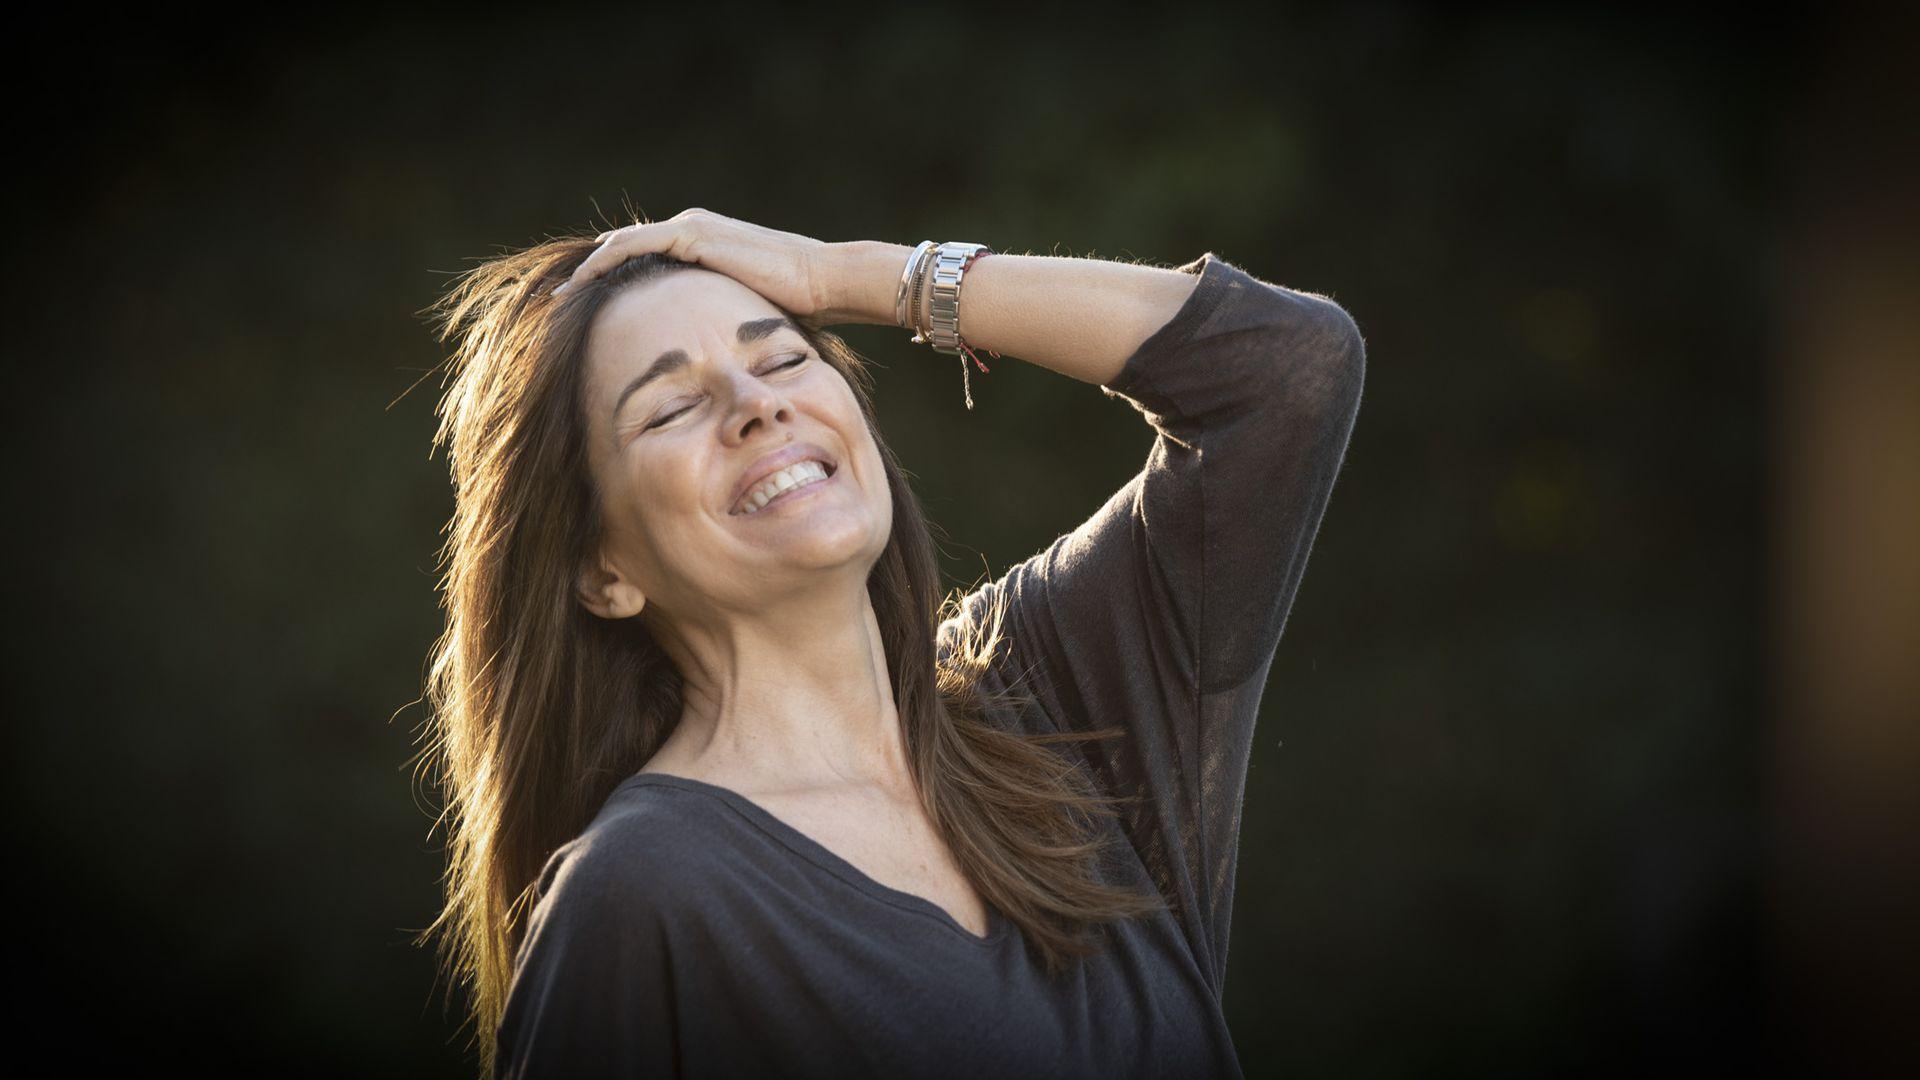 Para Andrea Frigerio, llevar hábitos saludables redunda en una vida plena y feliz